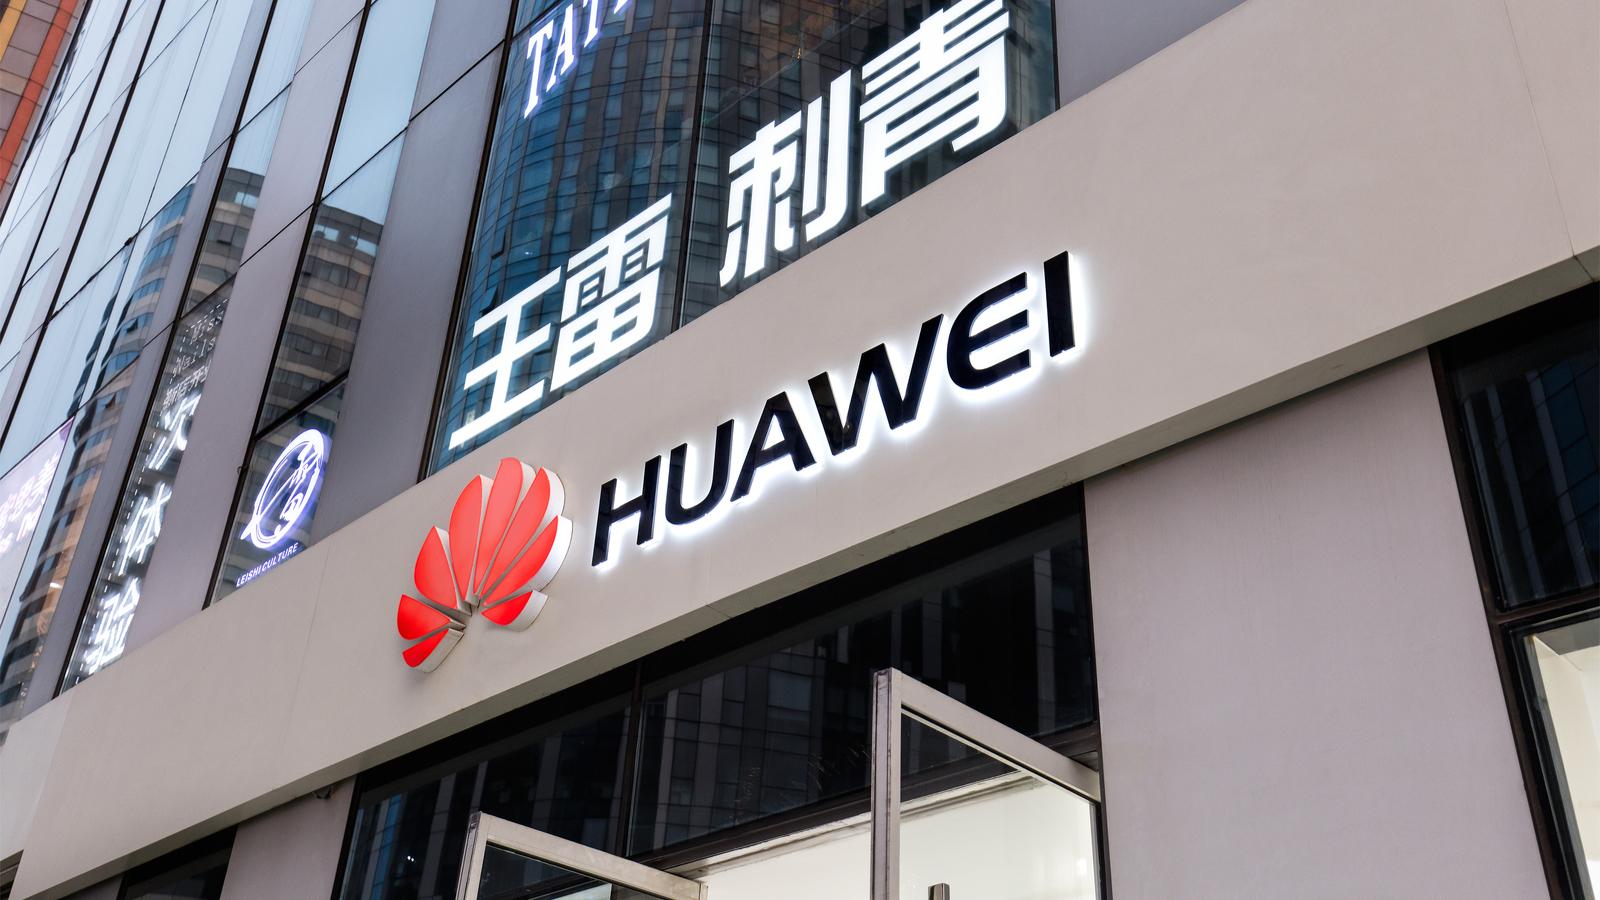 Huawei continue de grossir... malgré les sanctions américaines